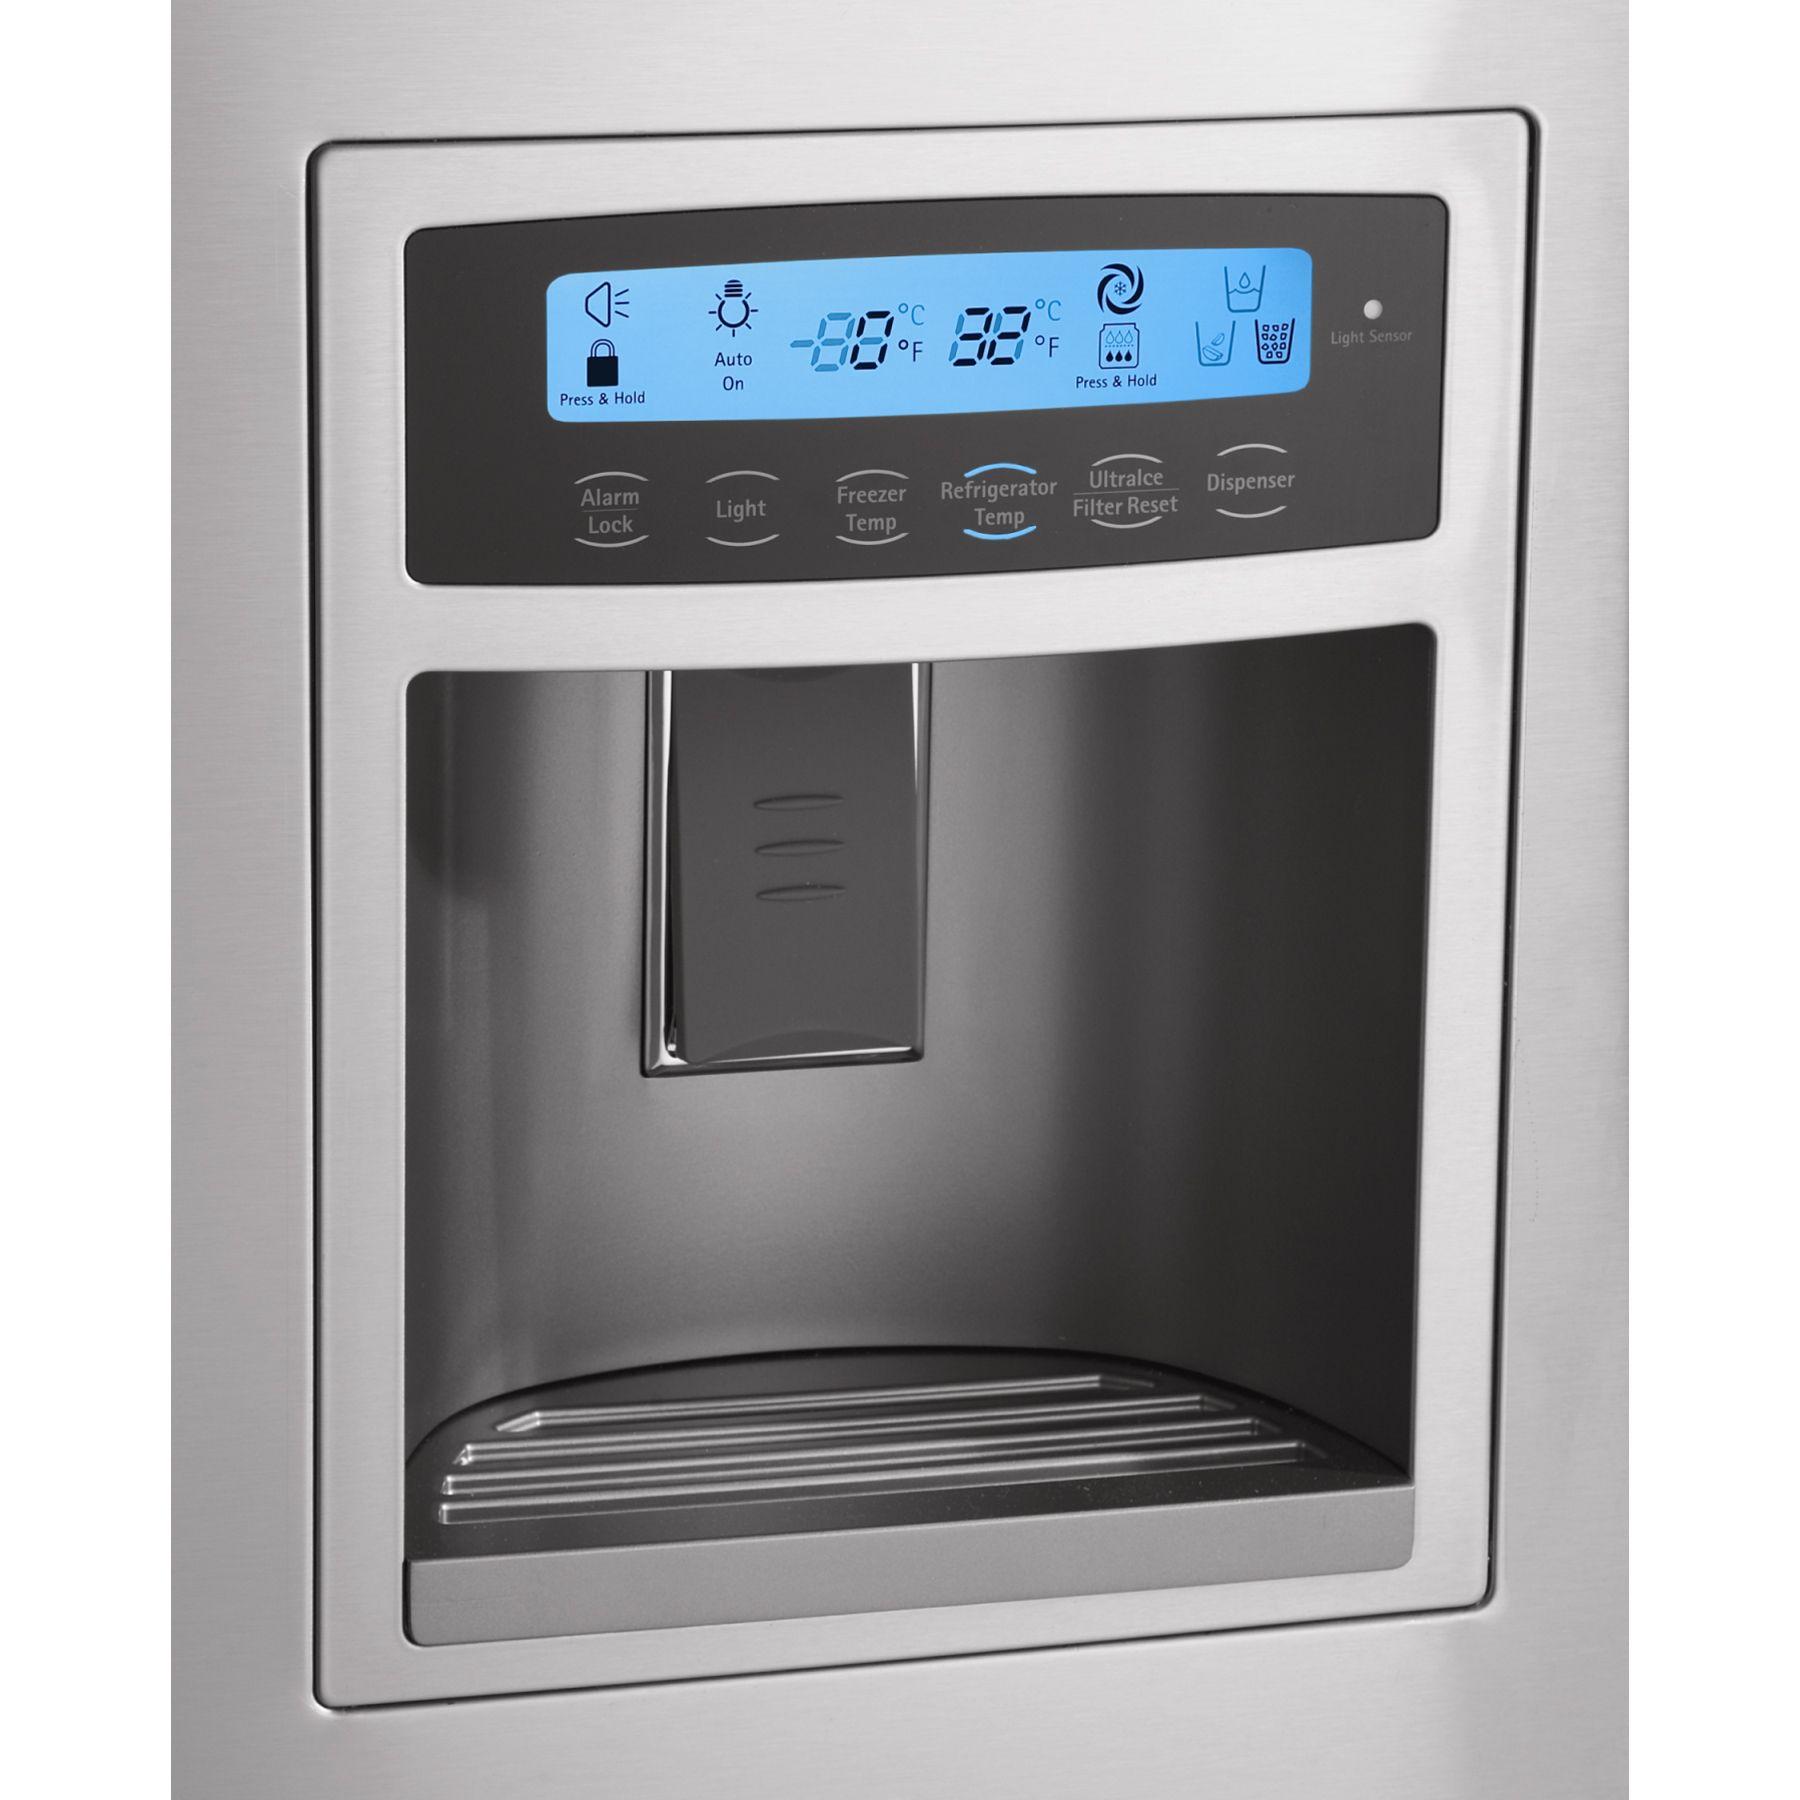 Kenmore Elite 21.0 cu. ft. French-Door Counter-Depth Bottom-Freezer Refrigerator